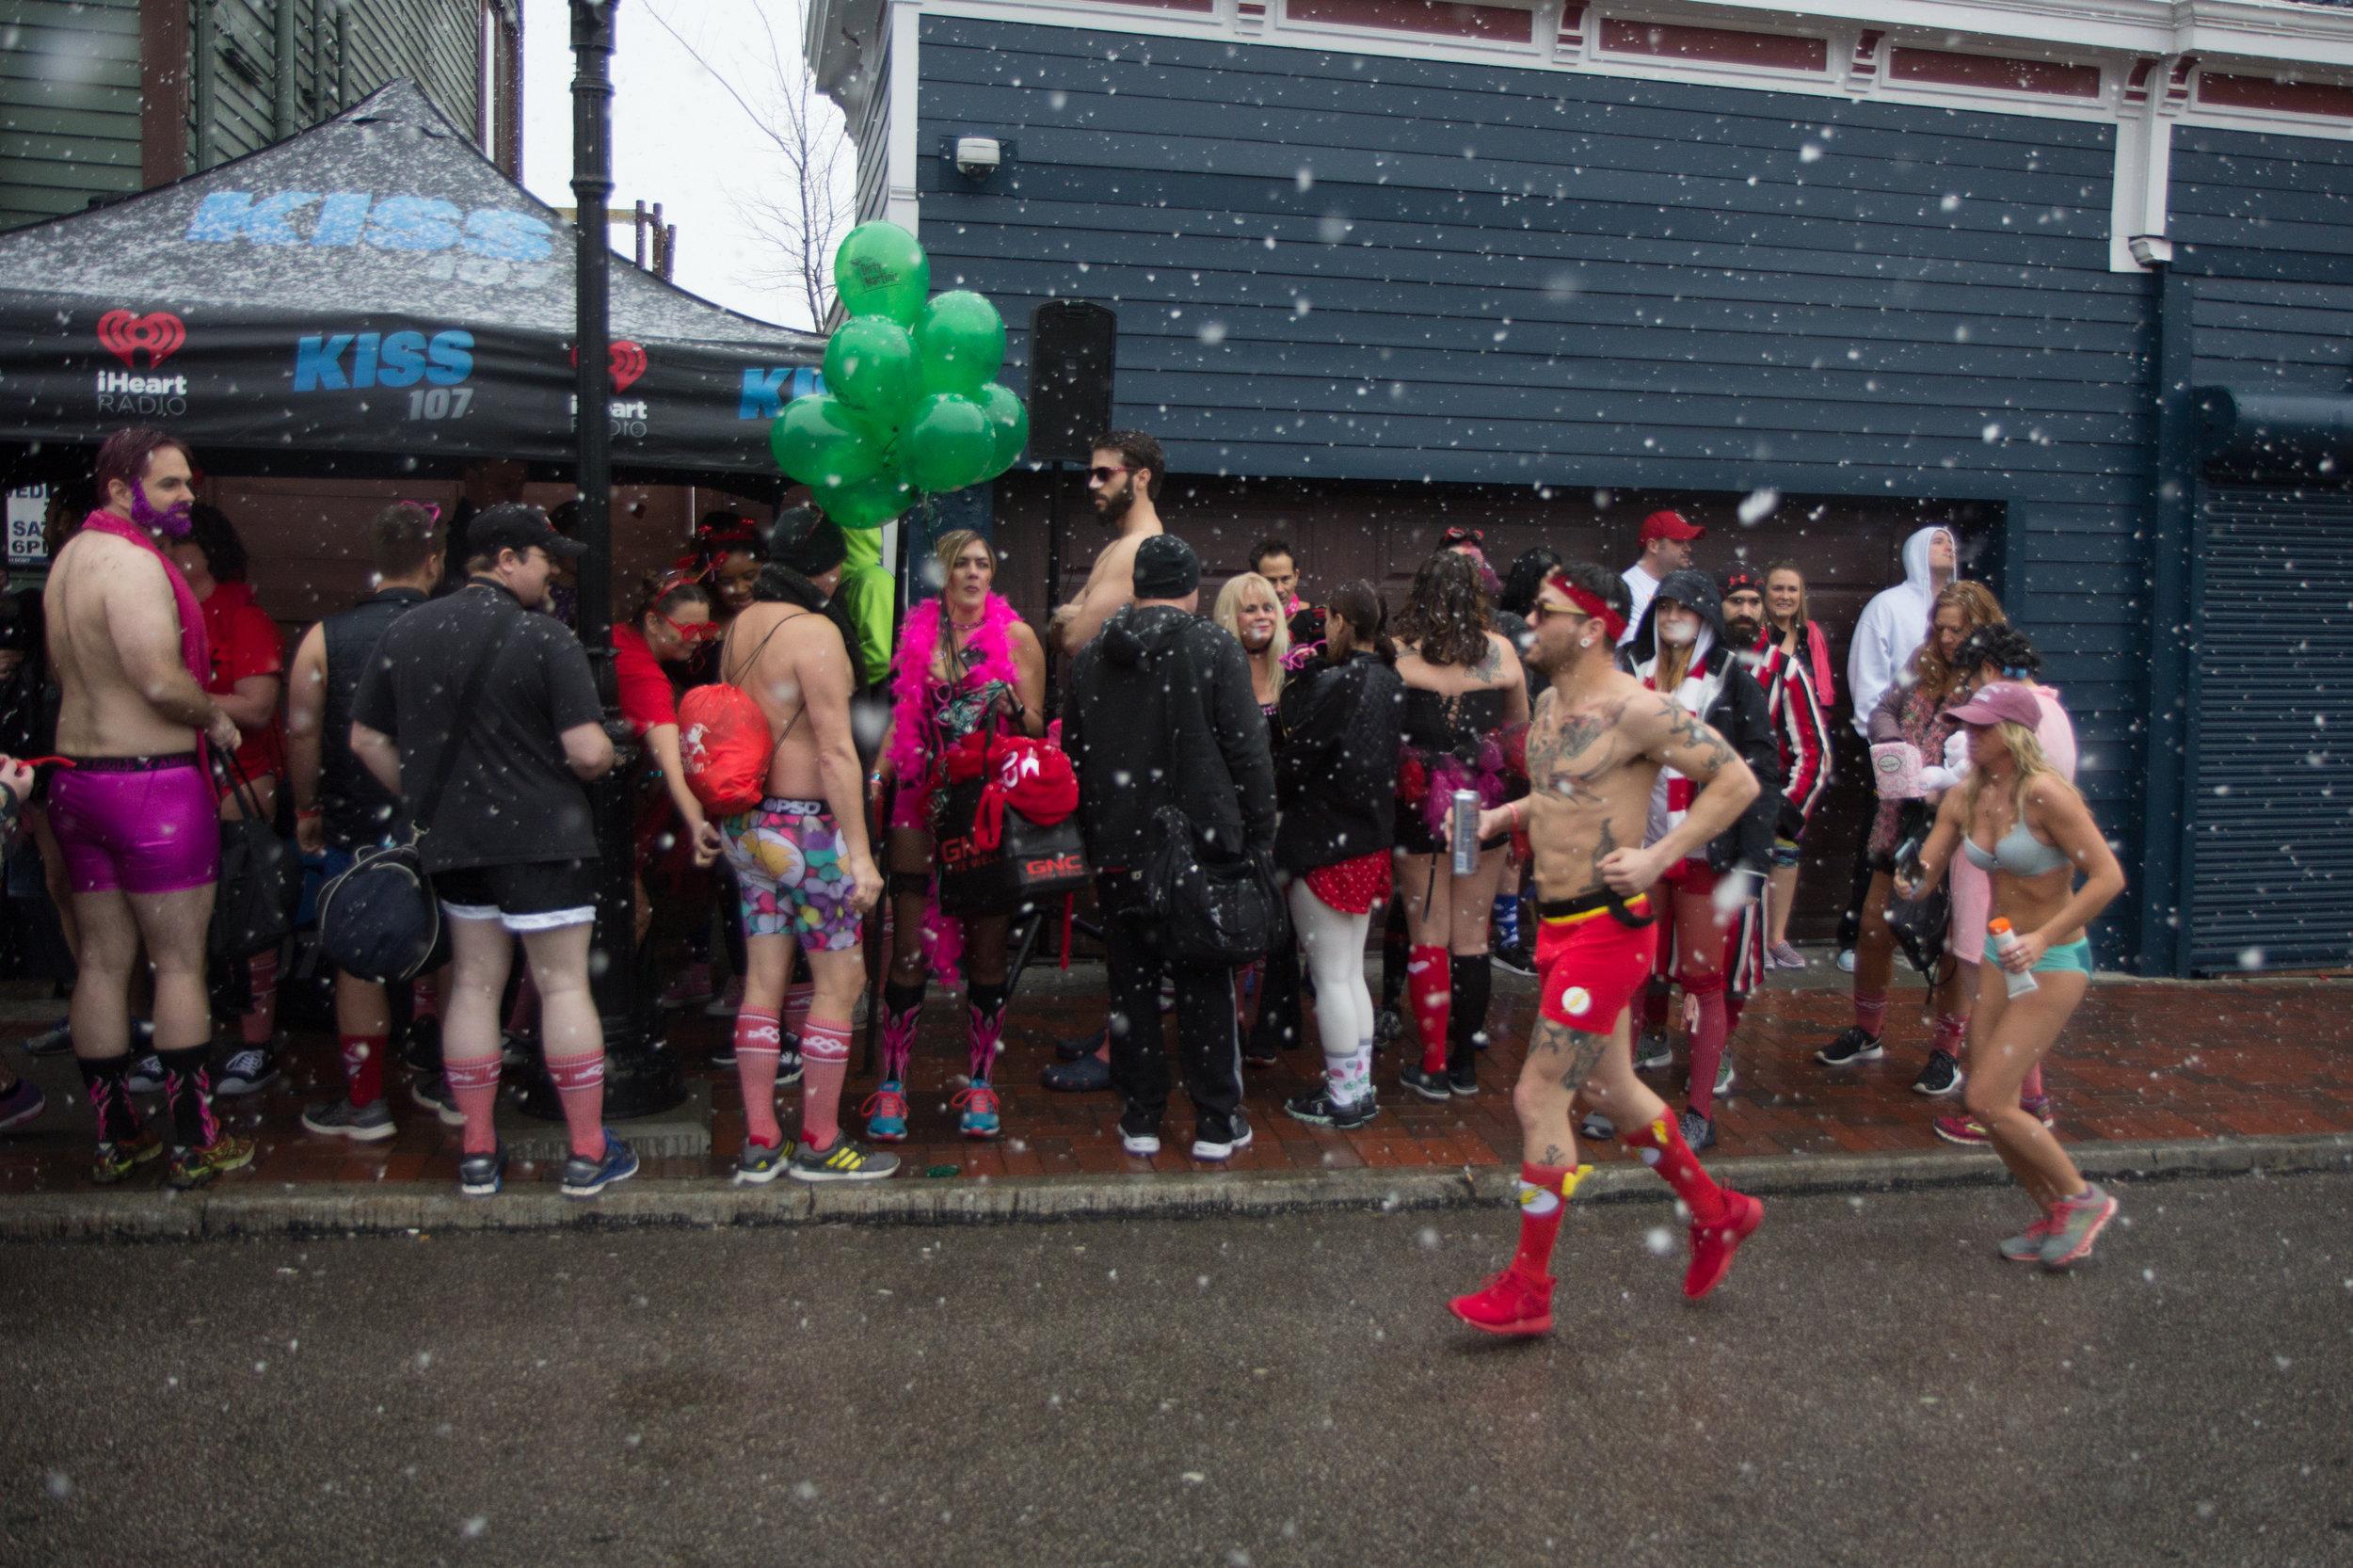 CaseyMillerPhoto - Cupid Undie Run 2018  (5 of 252).jpg